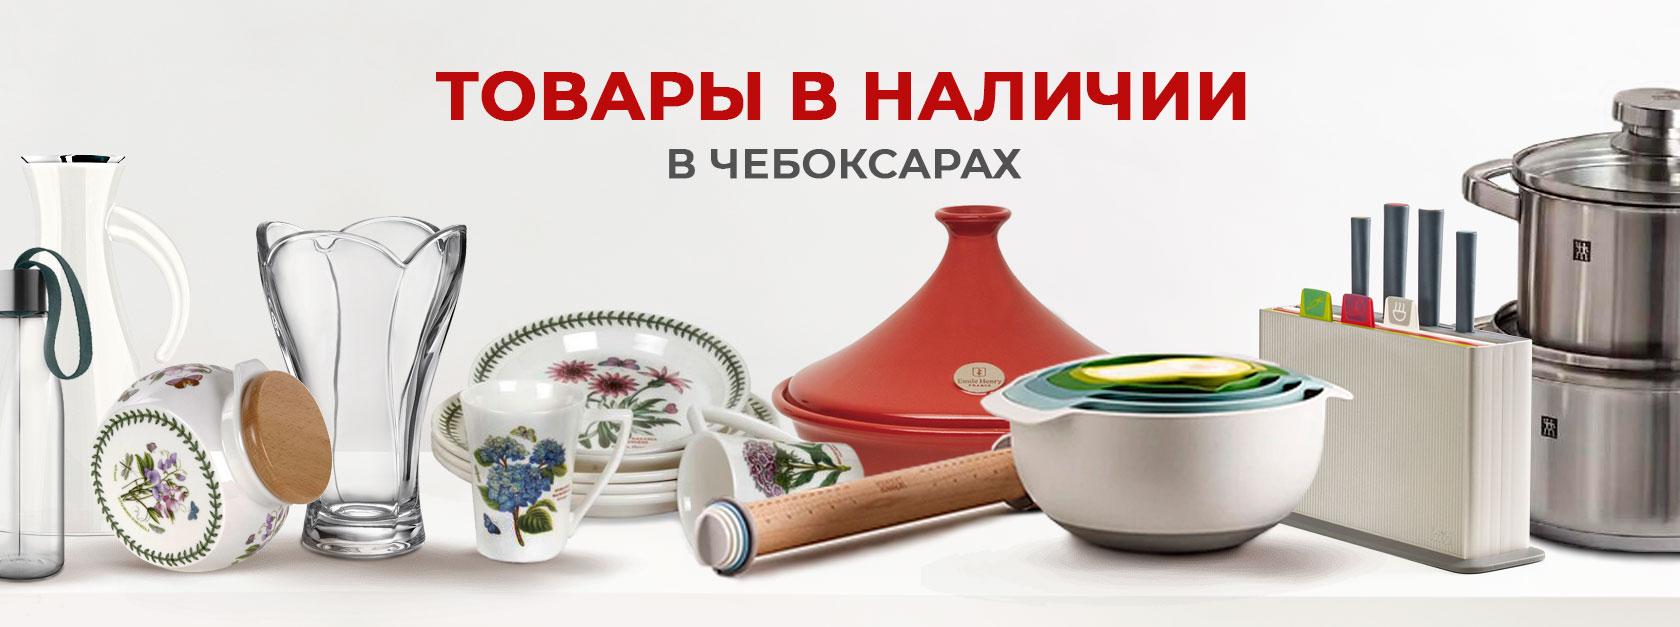 Посуда Чебоксары